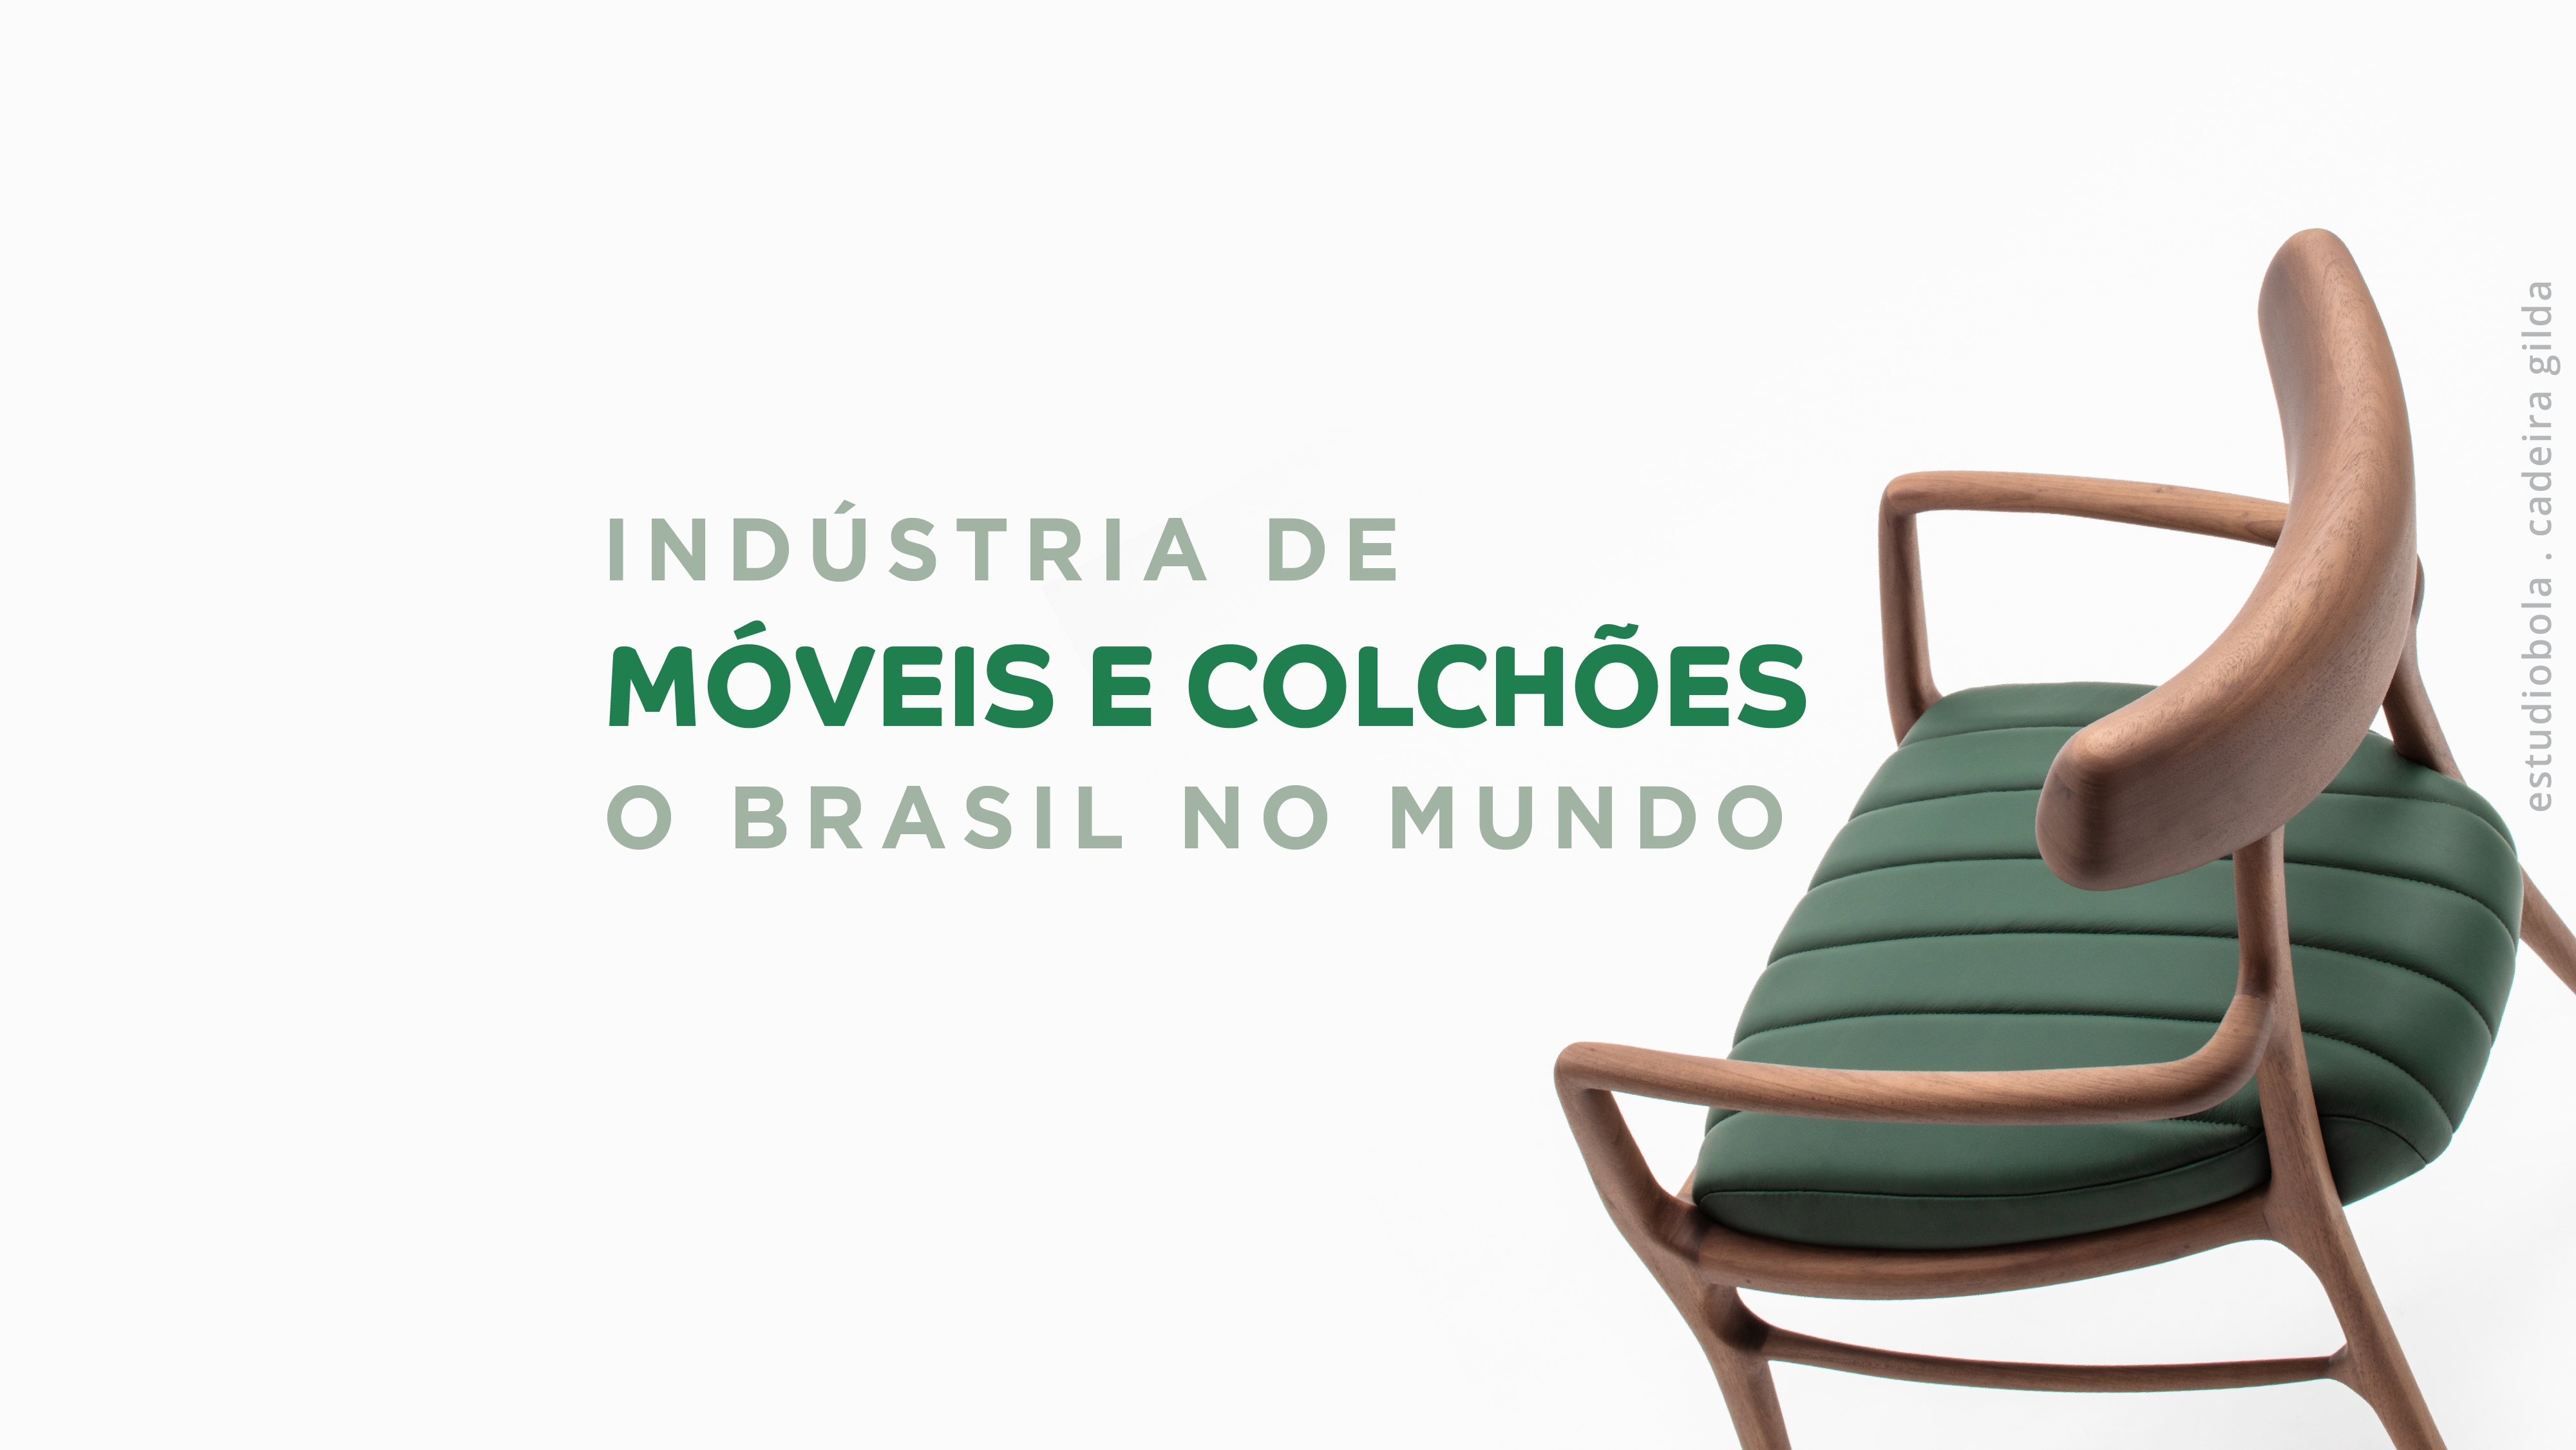 Projeto Brazilian Furniture lança estudo 'Do Brasil para o Mundo' com o consolidado da produção, consumo doméstico e comércio externo de móveis e colchões nacionais